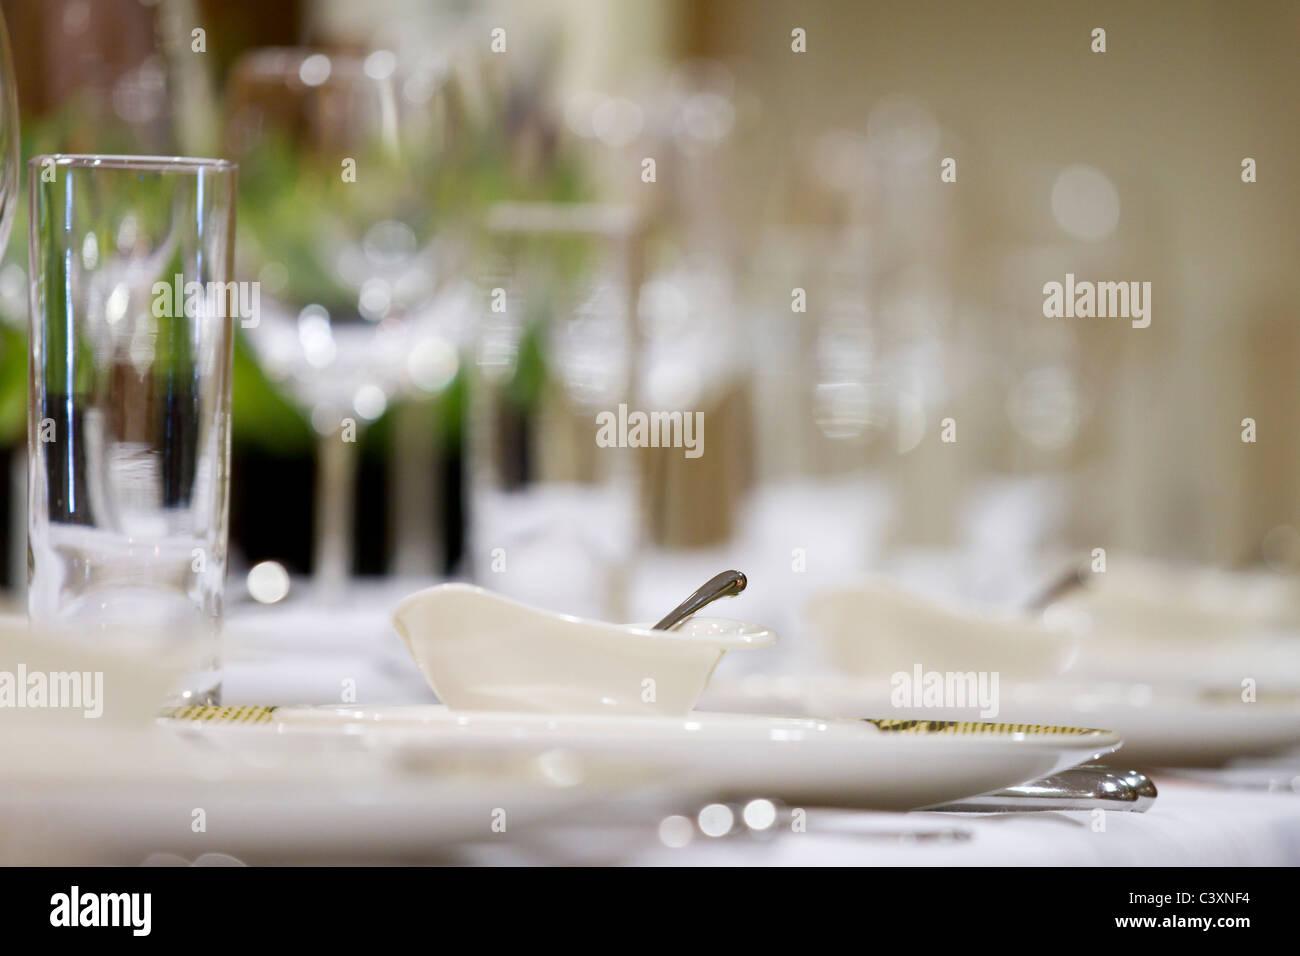 Restaurant de fine cuisine. Des verres à vin sur une table. Photo Stock